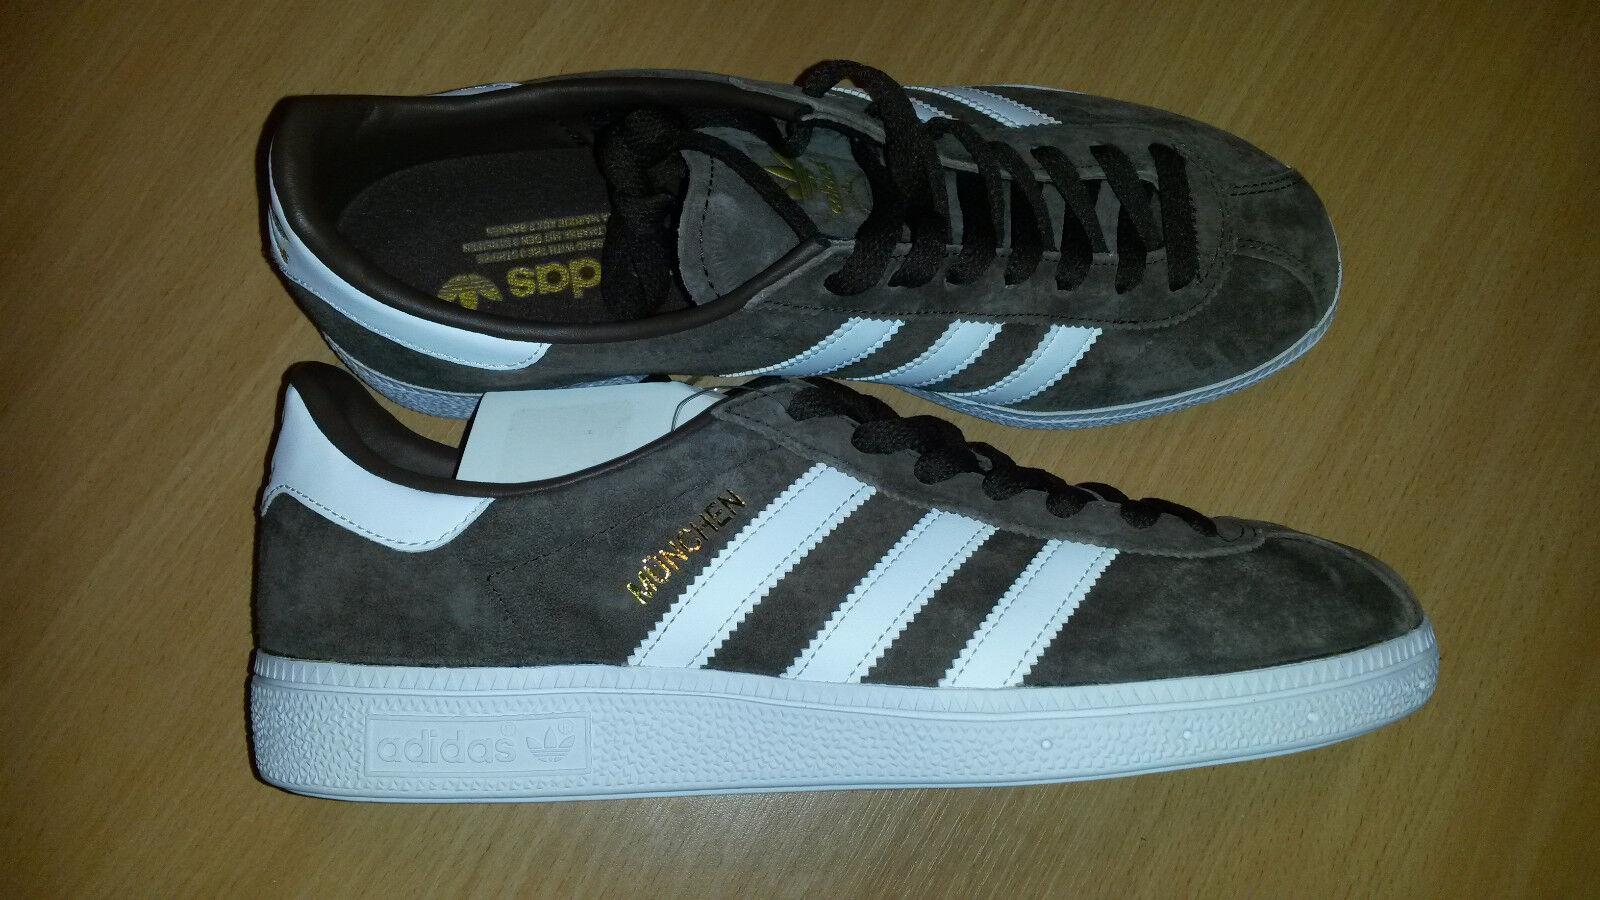 Adidas Originals Weiß, Munchen BY1722 mens trainers Braun Weiß, Originals Größe uk 7 46b31c